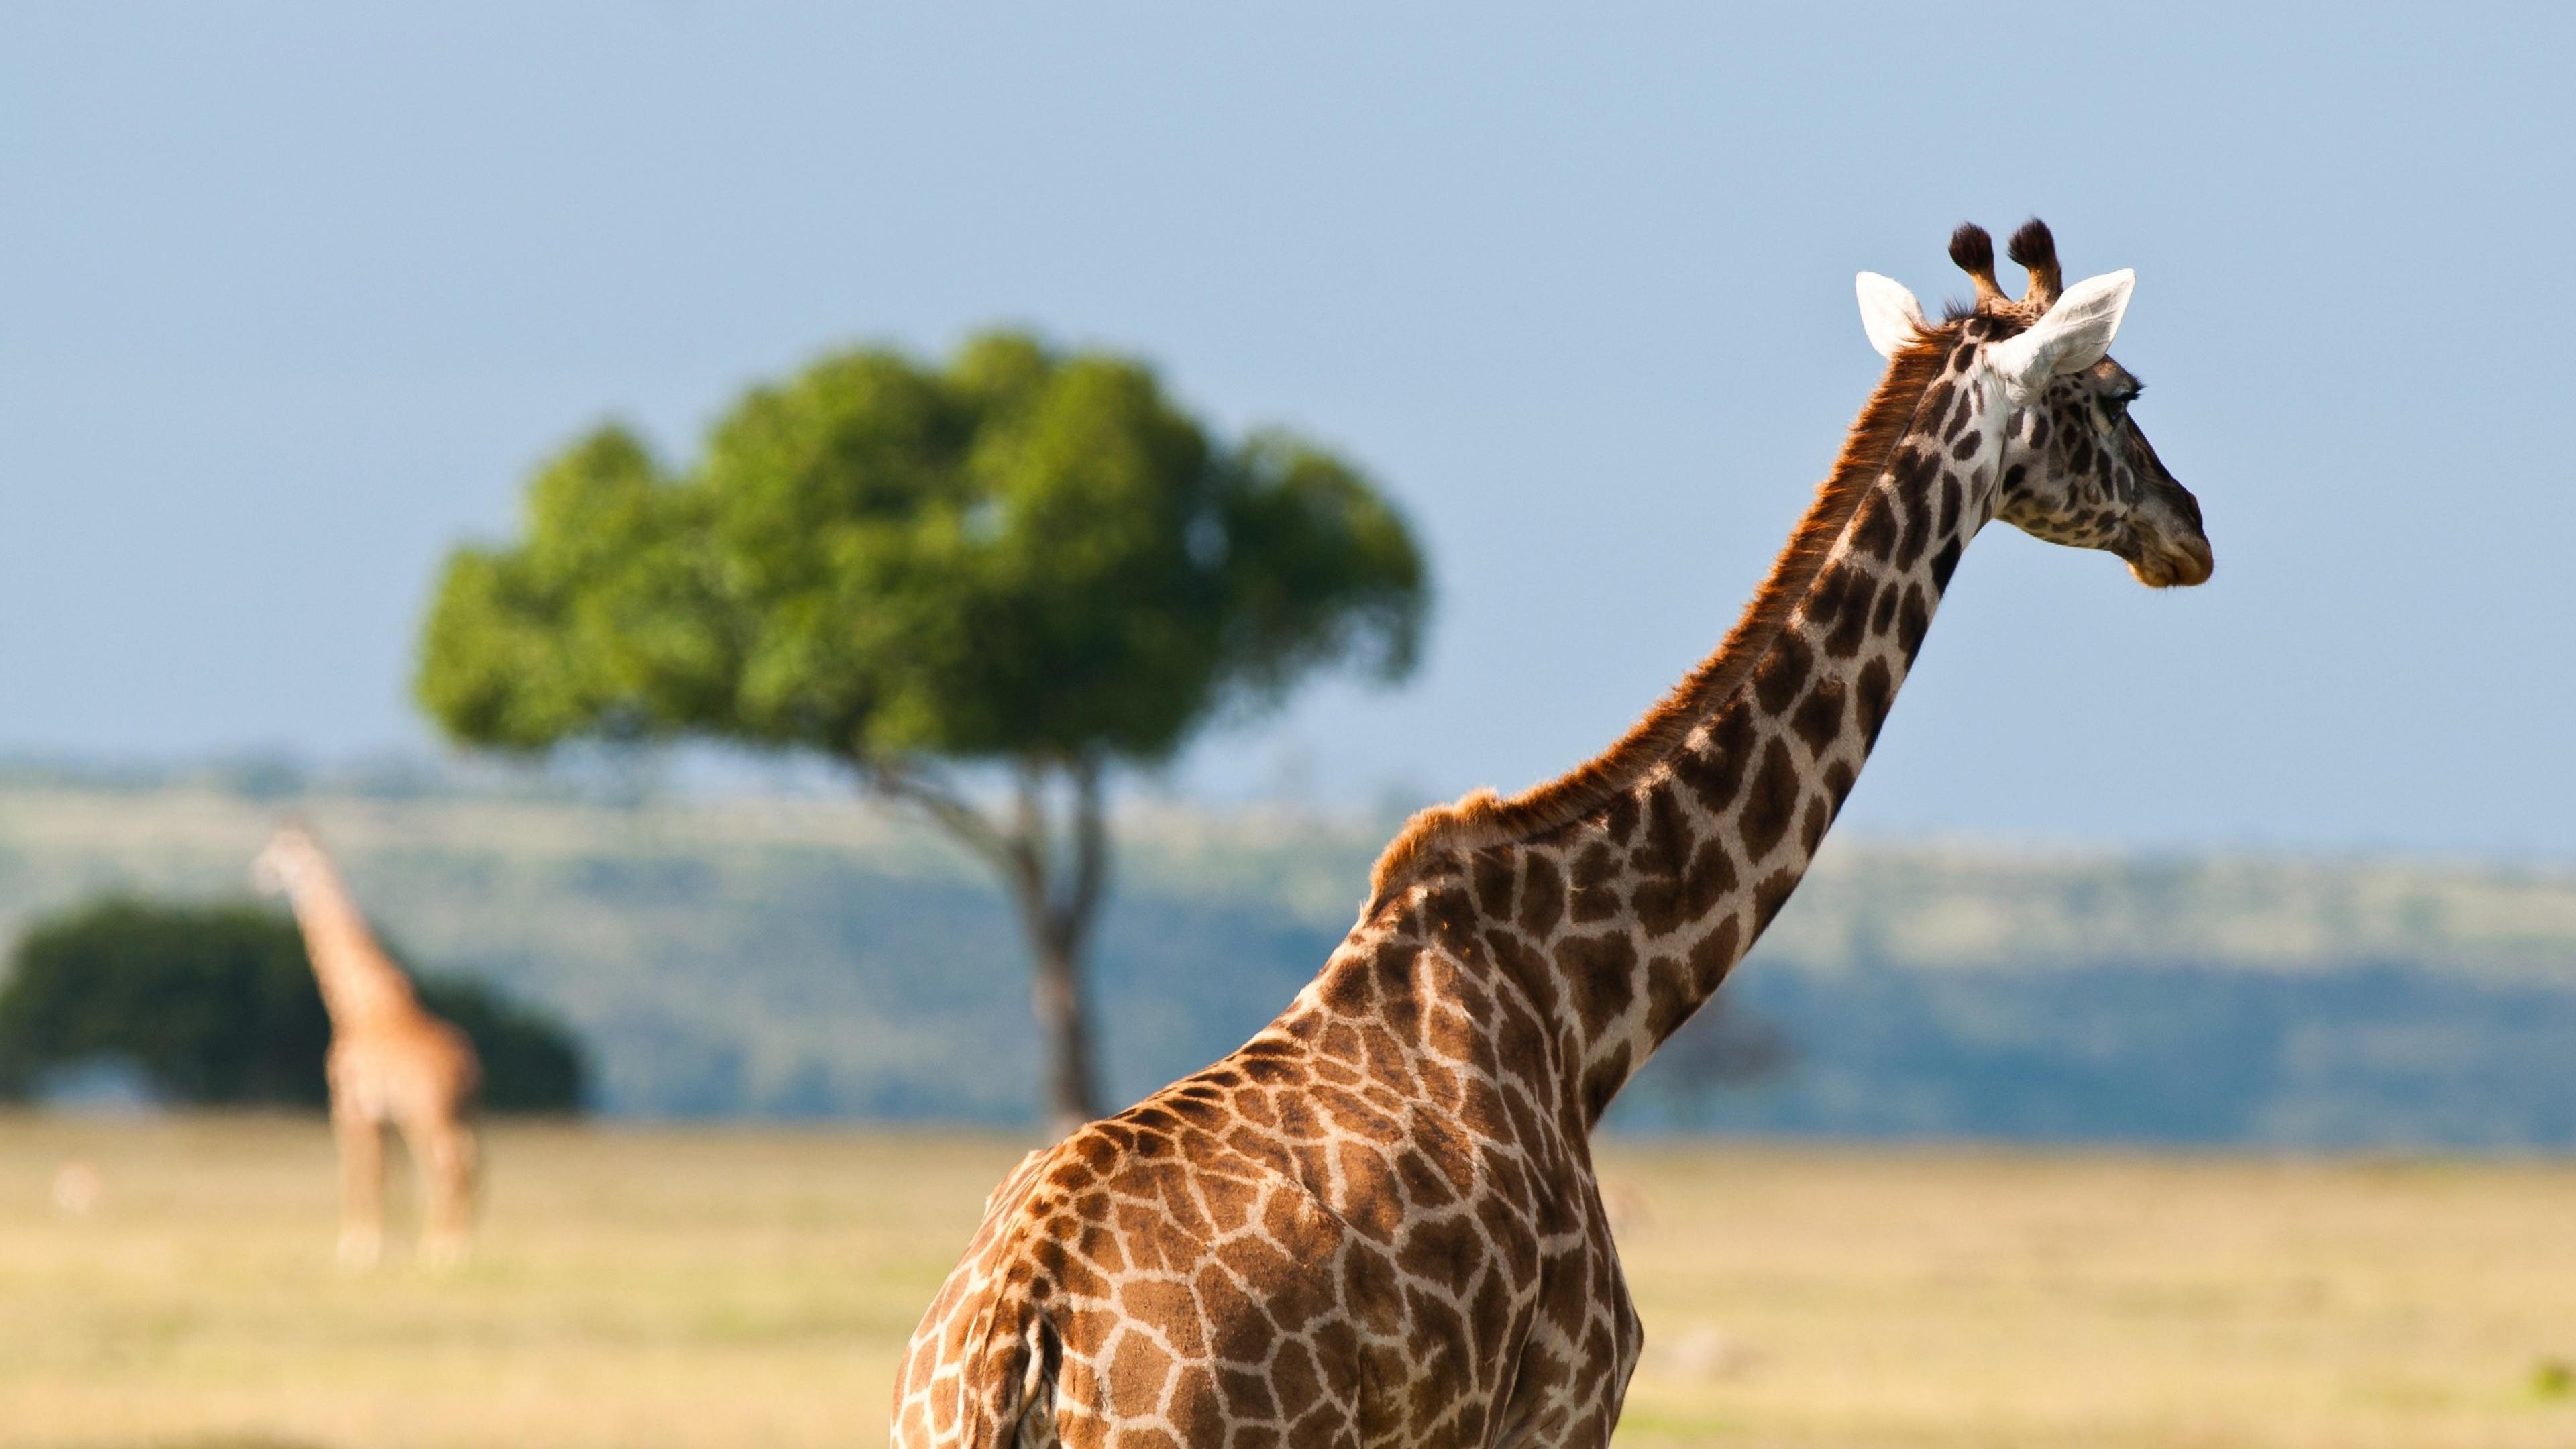 Download Wallpaper 3840x2160 Giraffe Back Africa Desert 4K Ultra HD 3840x2160